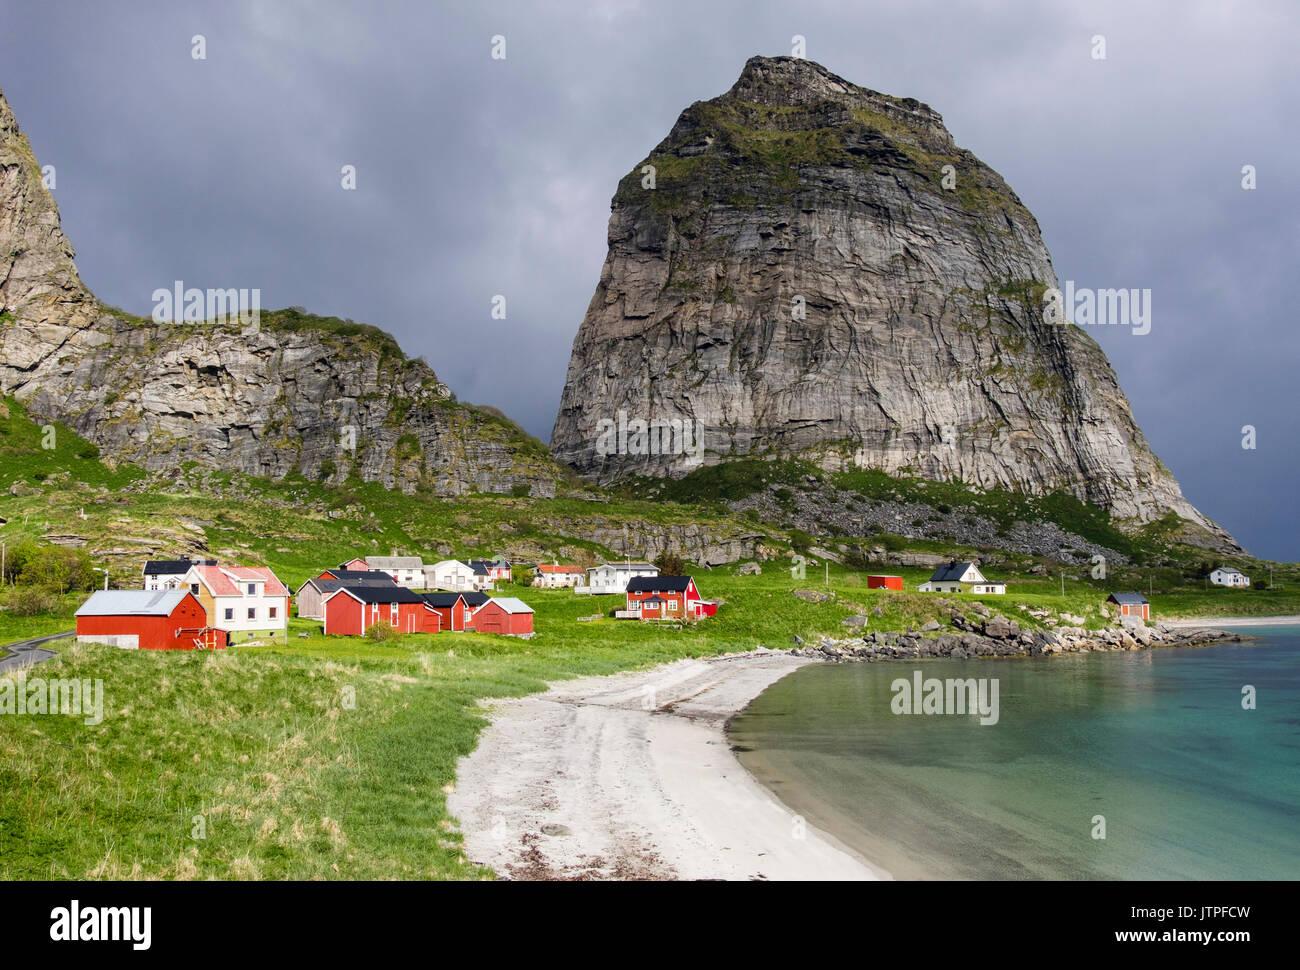 Alten, ehemaligen Fischerdorf Häuser um Sandstrand unterhalb Traenstaven Berg auf der Sanna Insel, Træna, Nordland County, Norwegen, Skandinavien Stockbild